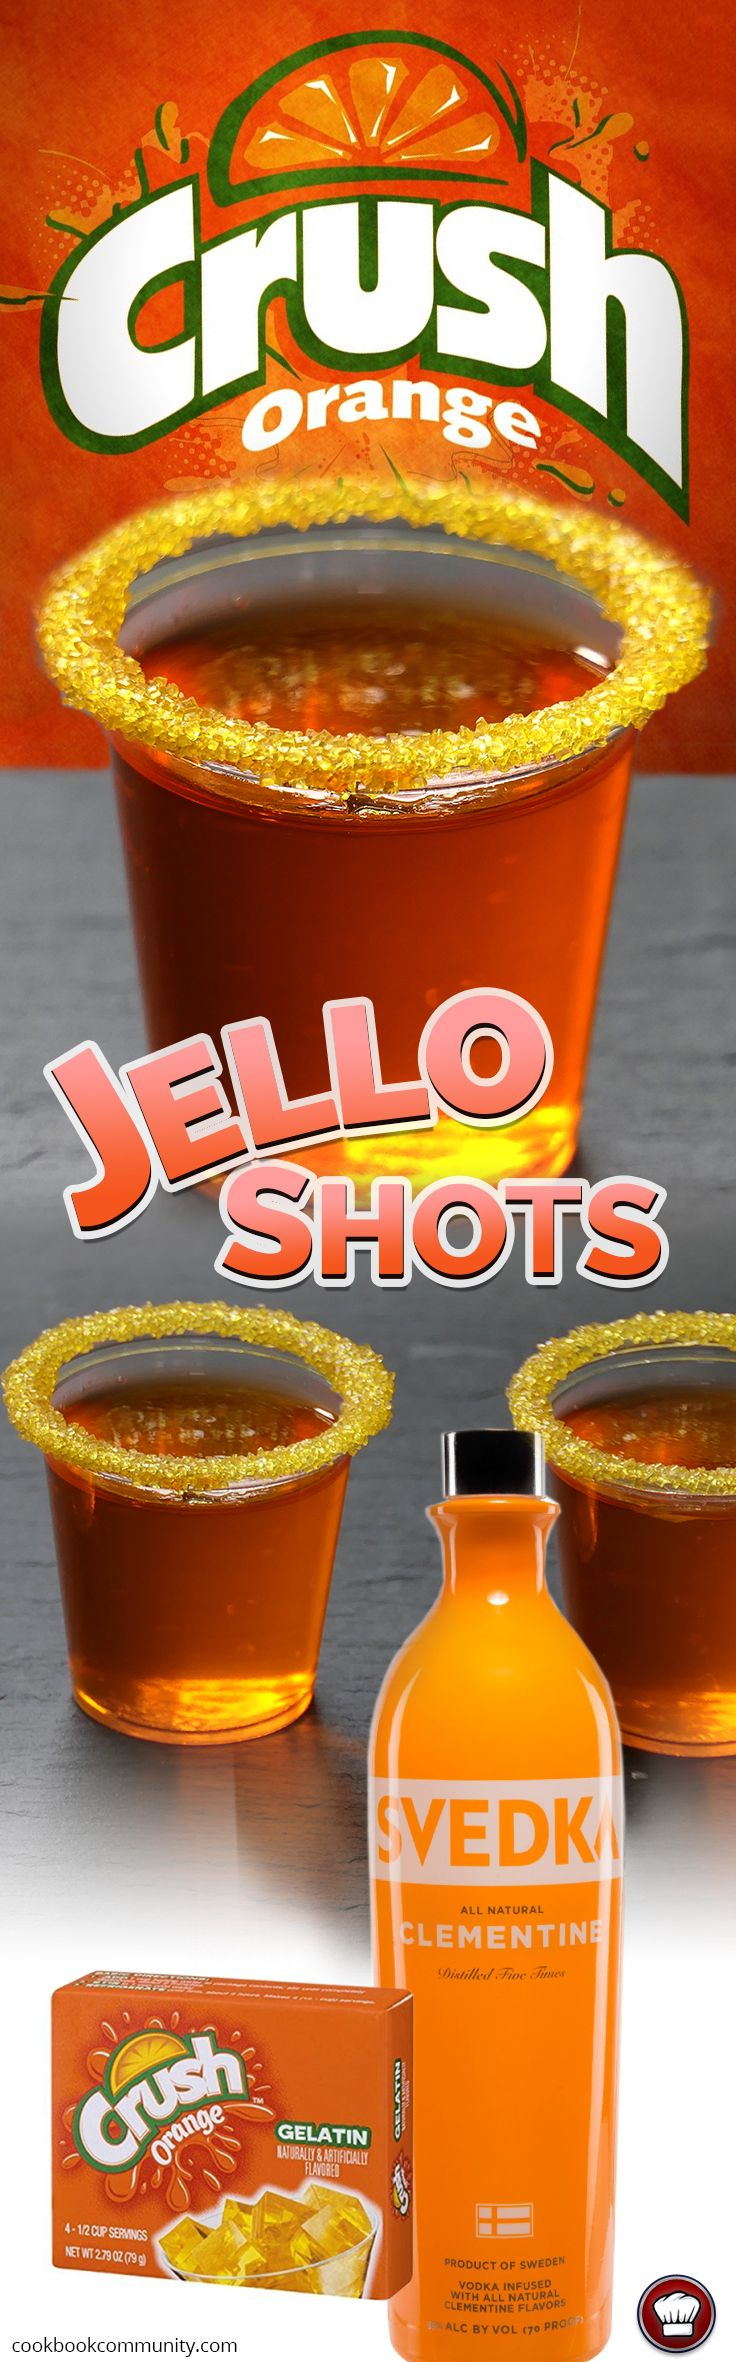 ORANGE CRUSH JELLO SHOTS - These are probably the orangiest orange jello shots you'll ever taste!